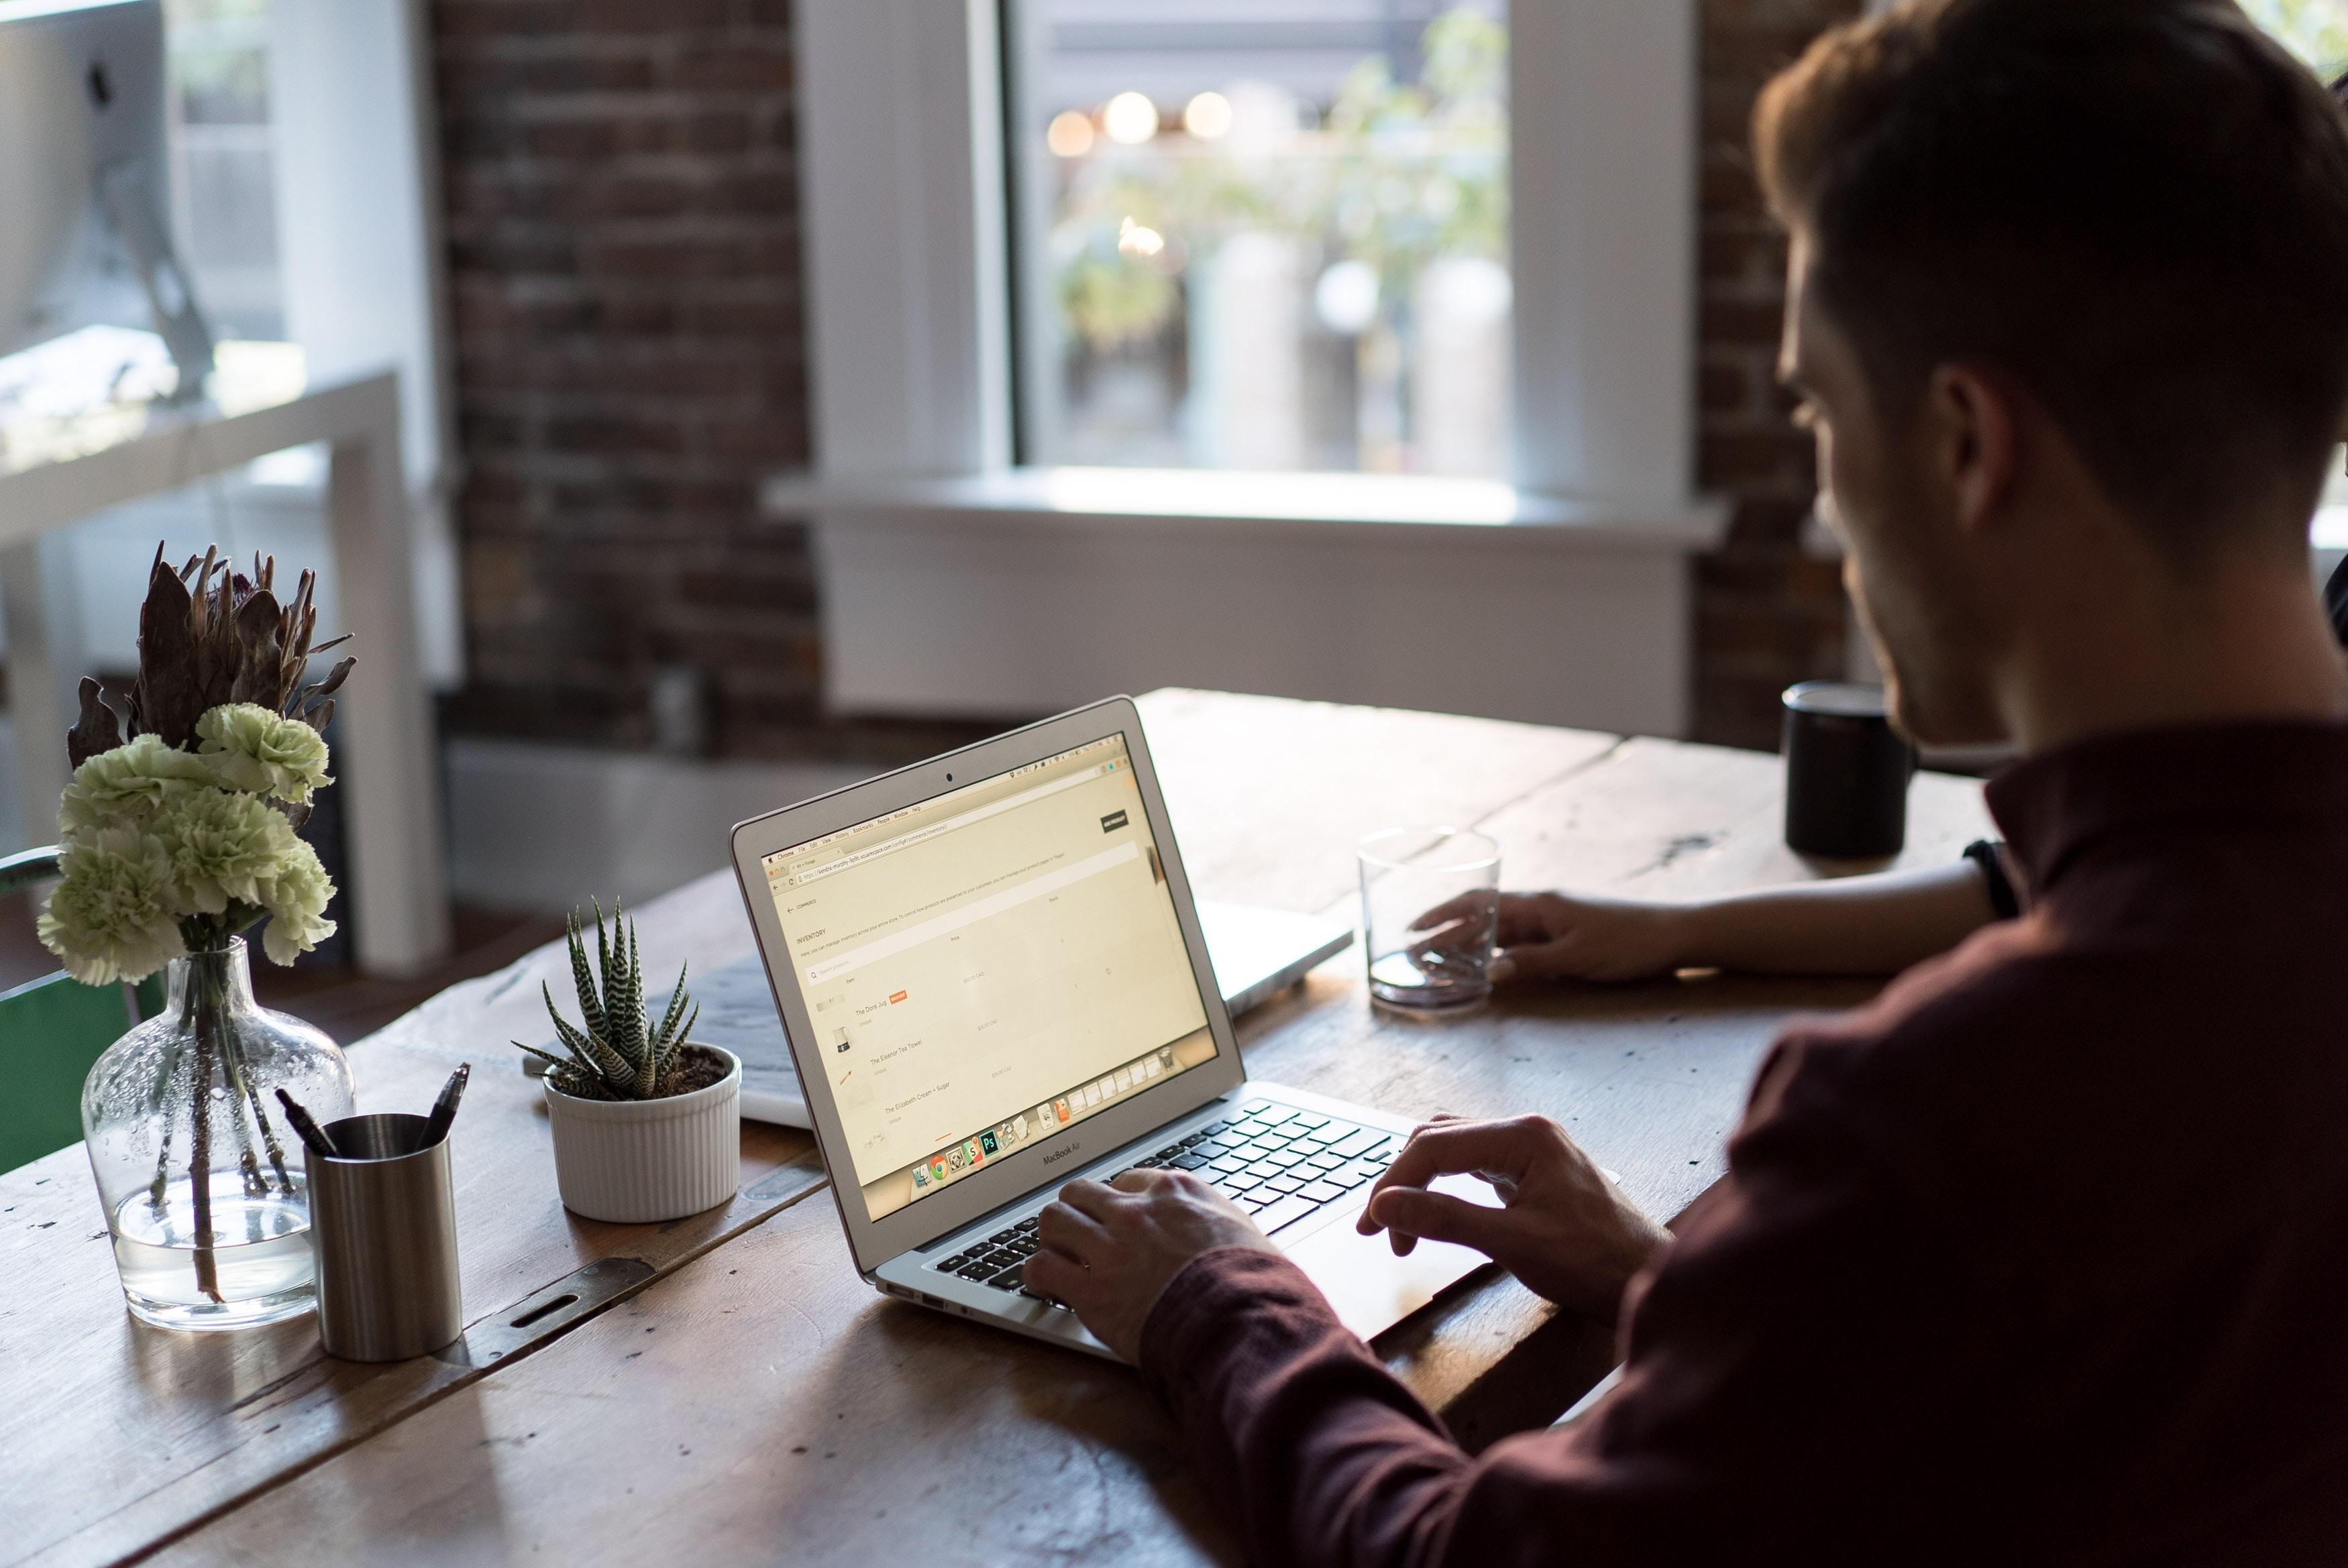 Dijital Gizlilik, Güvenlik ve Özgürlük: VPN Nedir, Ne İşe Yarar?